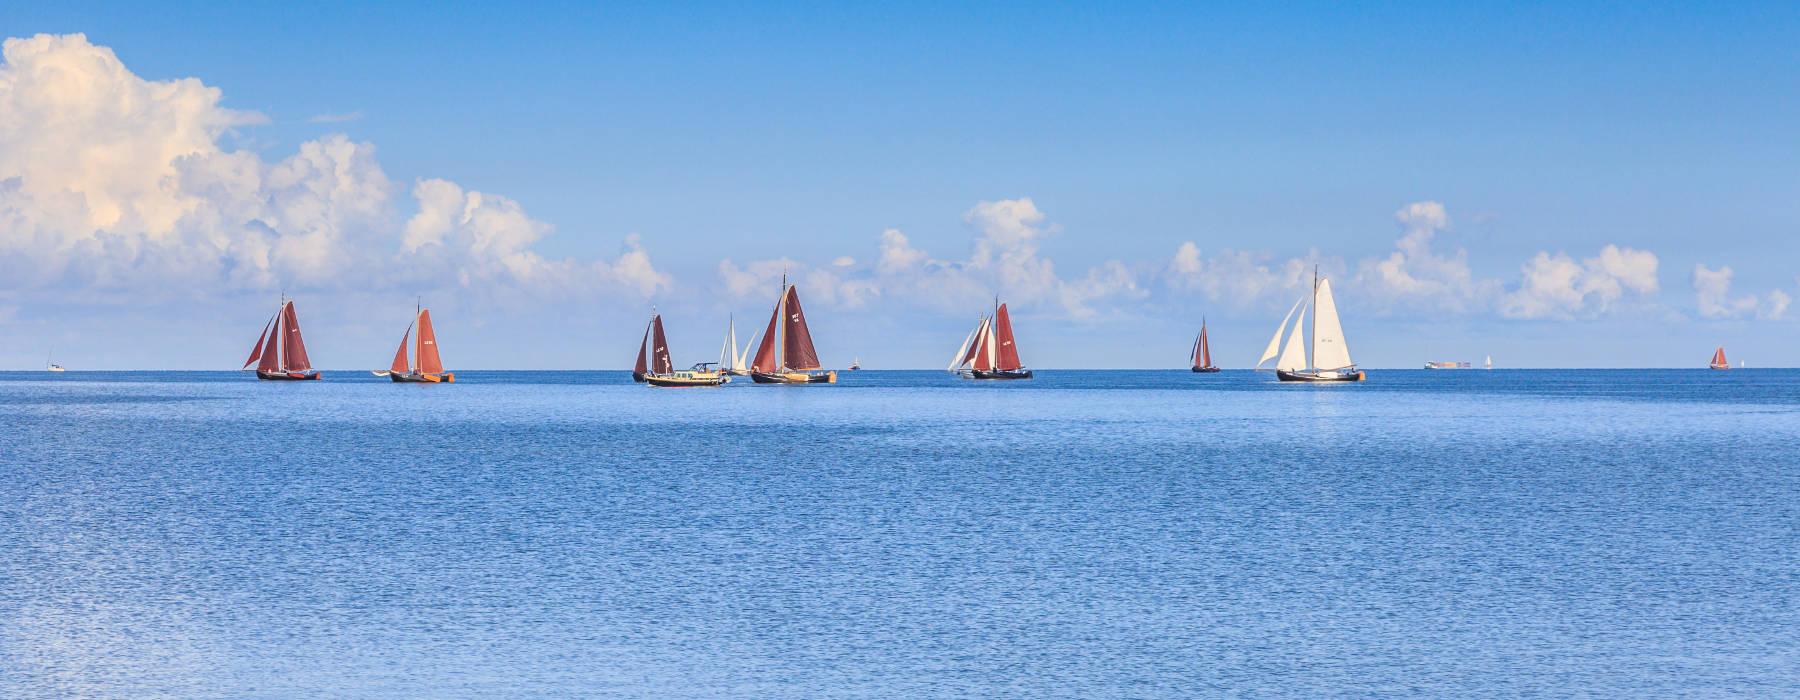 FNP nijs gemeente sudwestfryslan 1 marmeiboaten